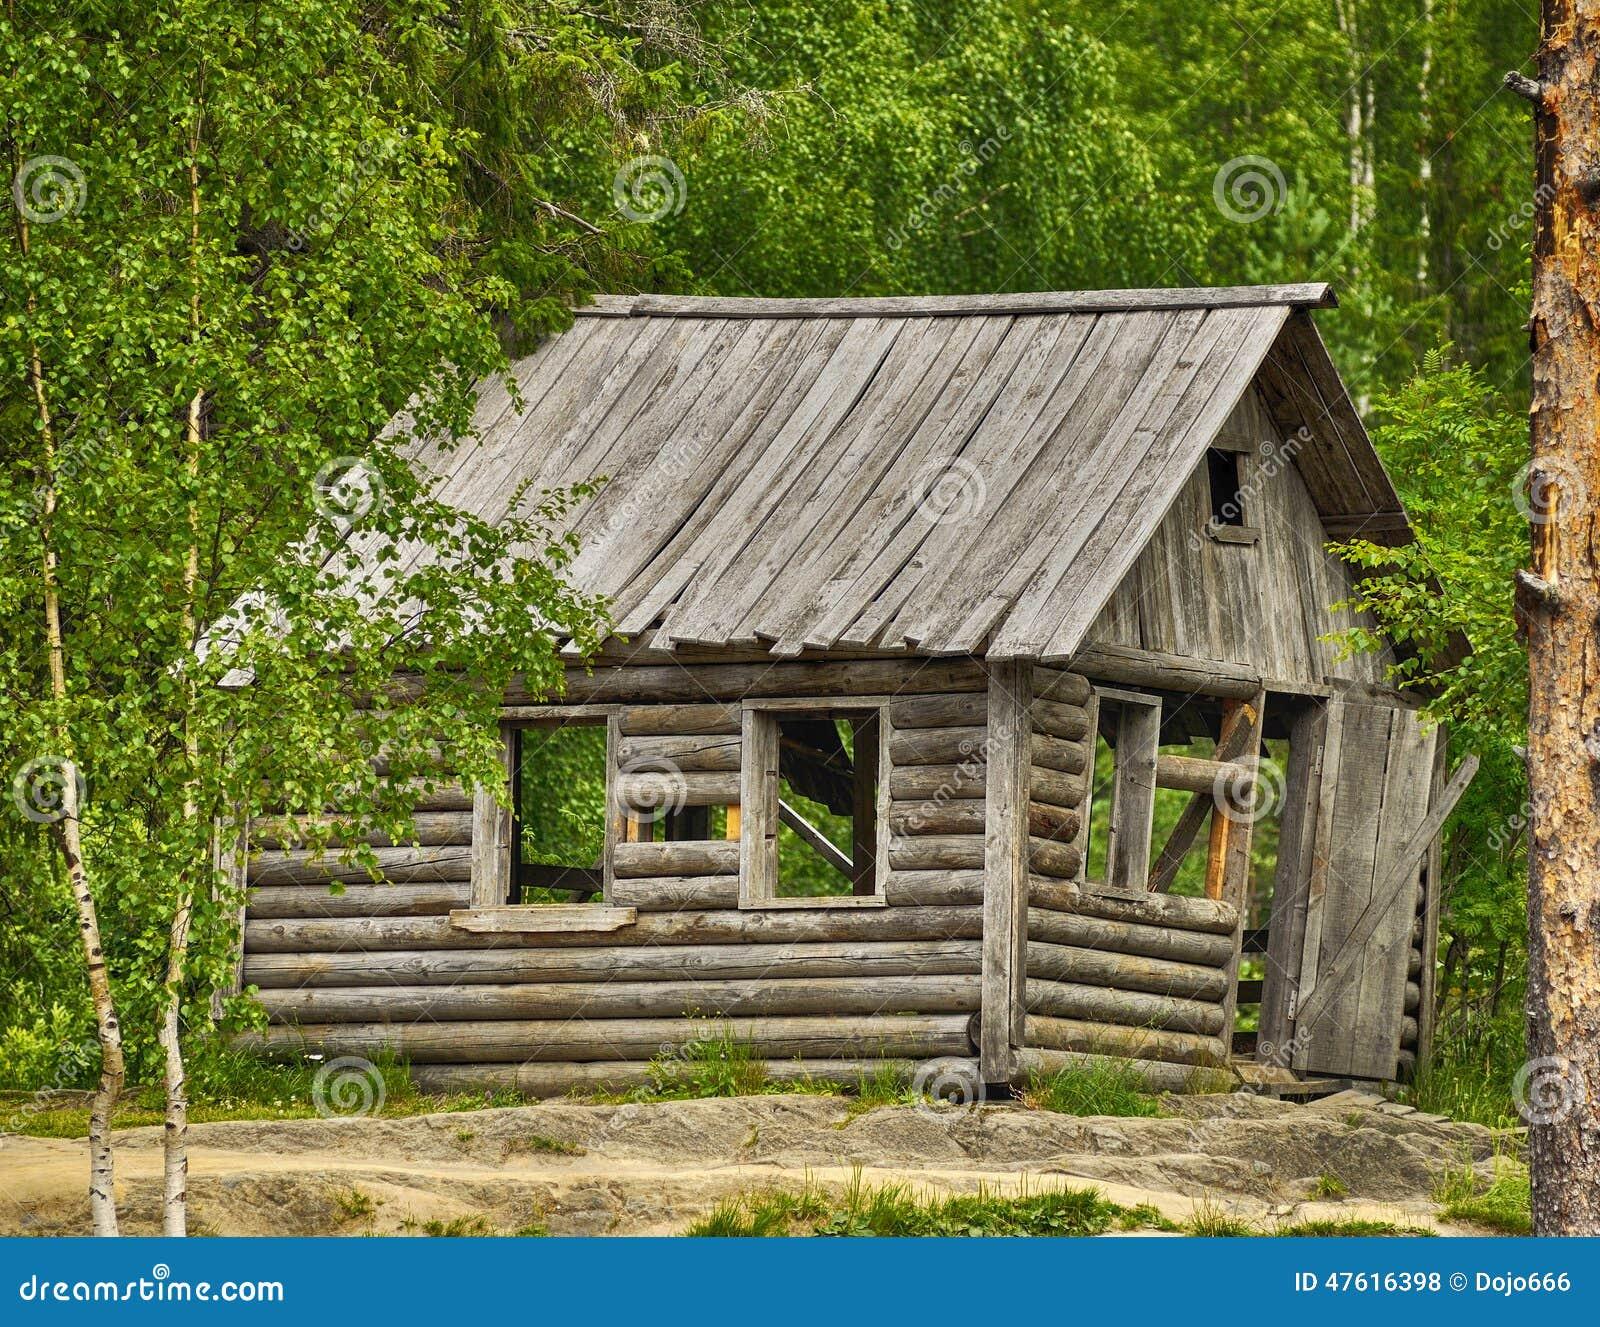 Astounding Russisches Holzhaus Beste Wahl Pattern Altes Typisches Im Wald Stockfoto -